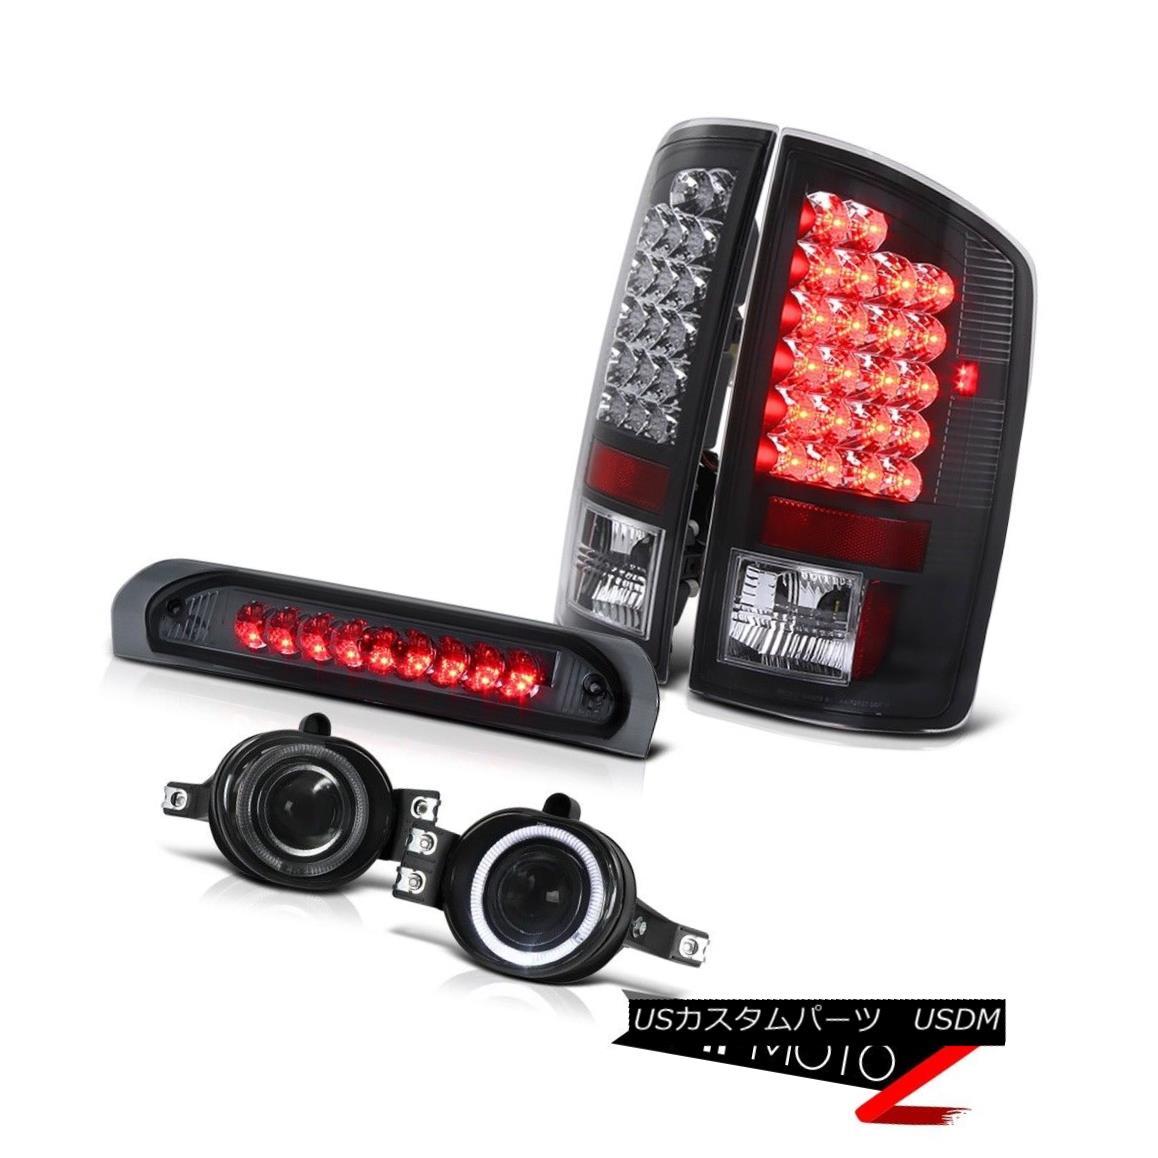 テールライト 02-06 Dodge RAM L+R Black LED Taillamp+3rd Brake+Halo Projector Fog Lamp COMBO 02-06ドッジRAM L + RブラックLEDタイルランプ+ 3番ブレーキ+ハロープロジェクターフォグランプCOMBO